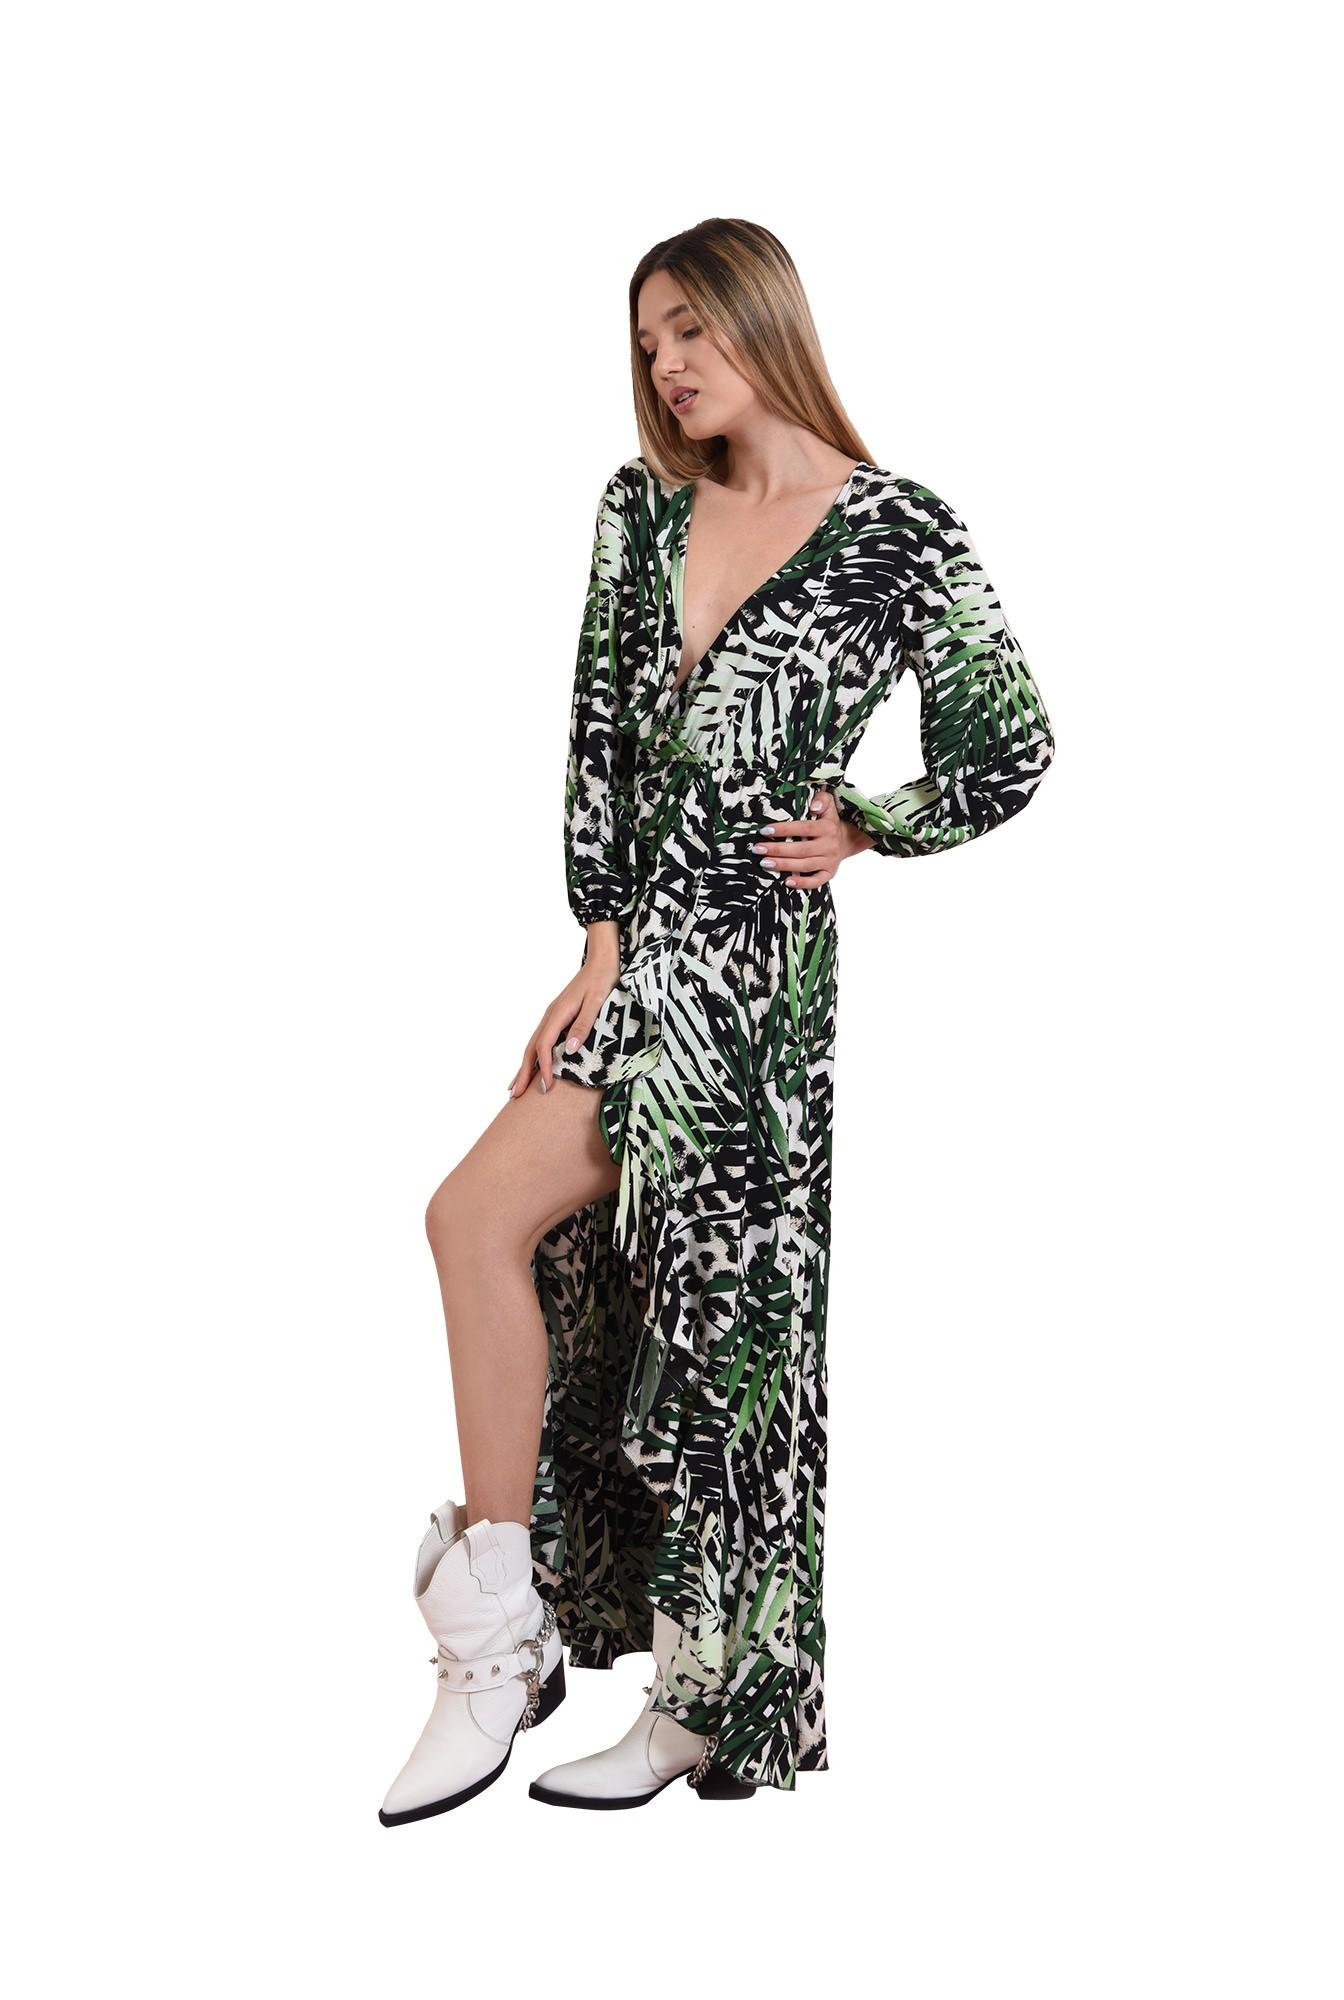 3 - rochie cu imprimeu botanic, cu maneca voluminoasa